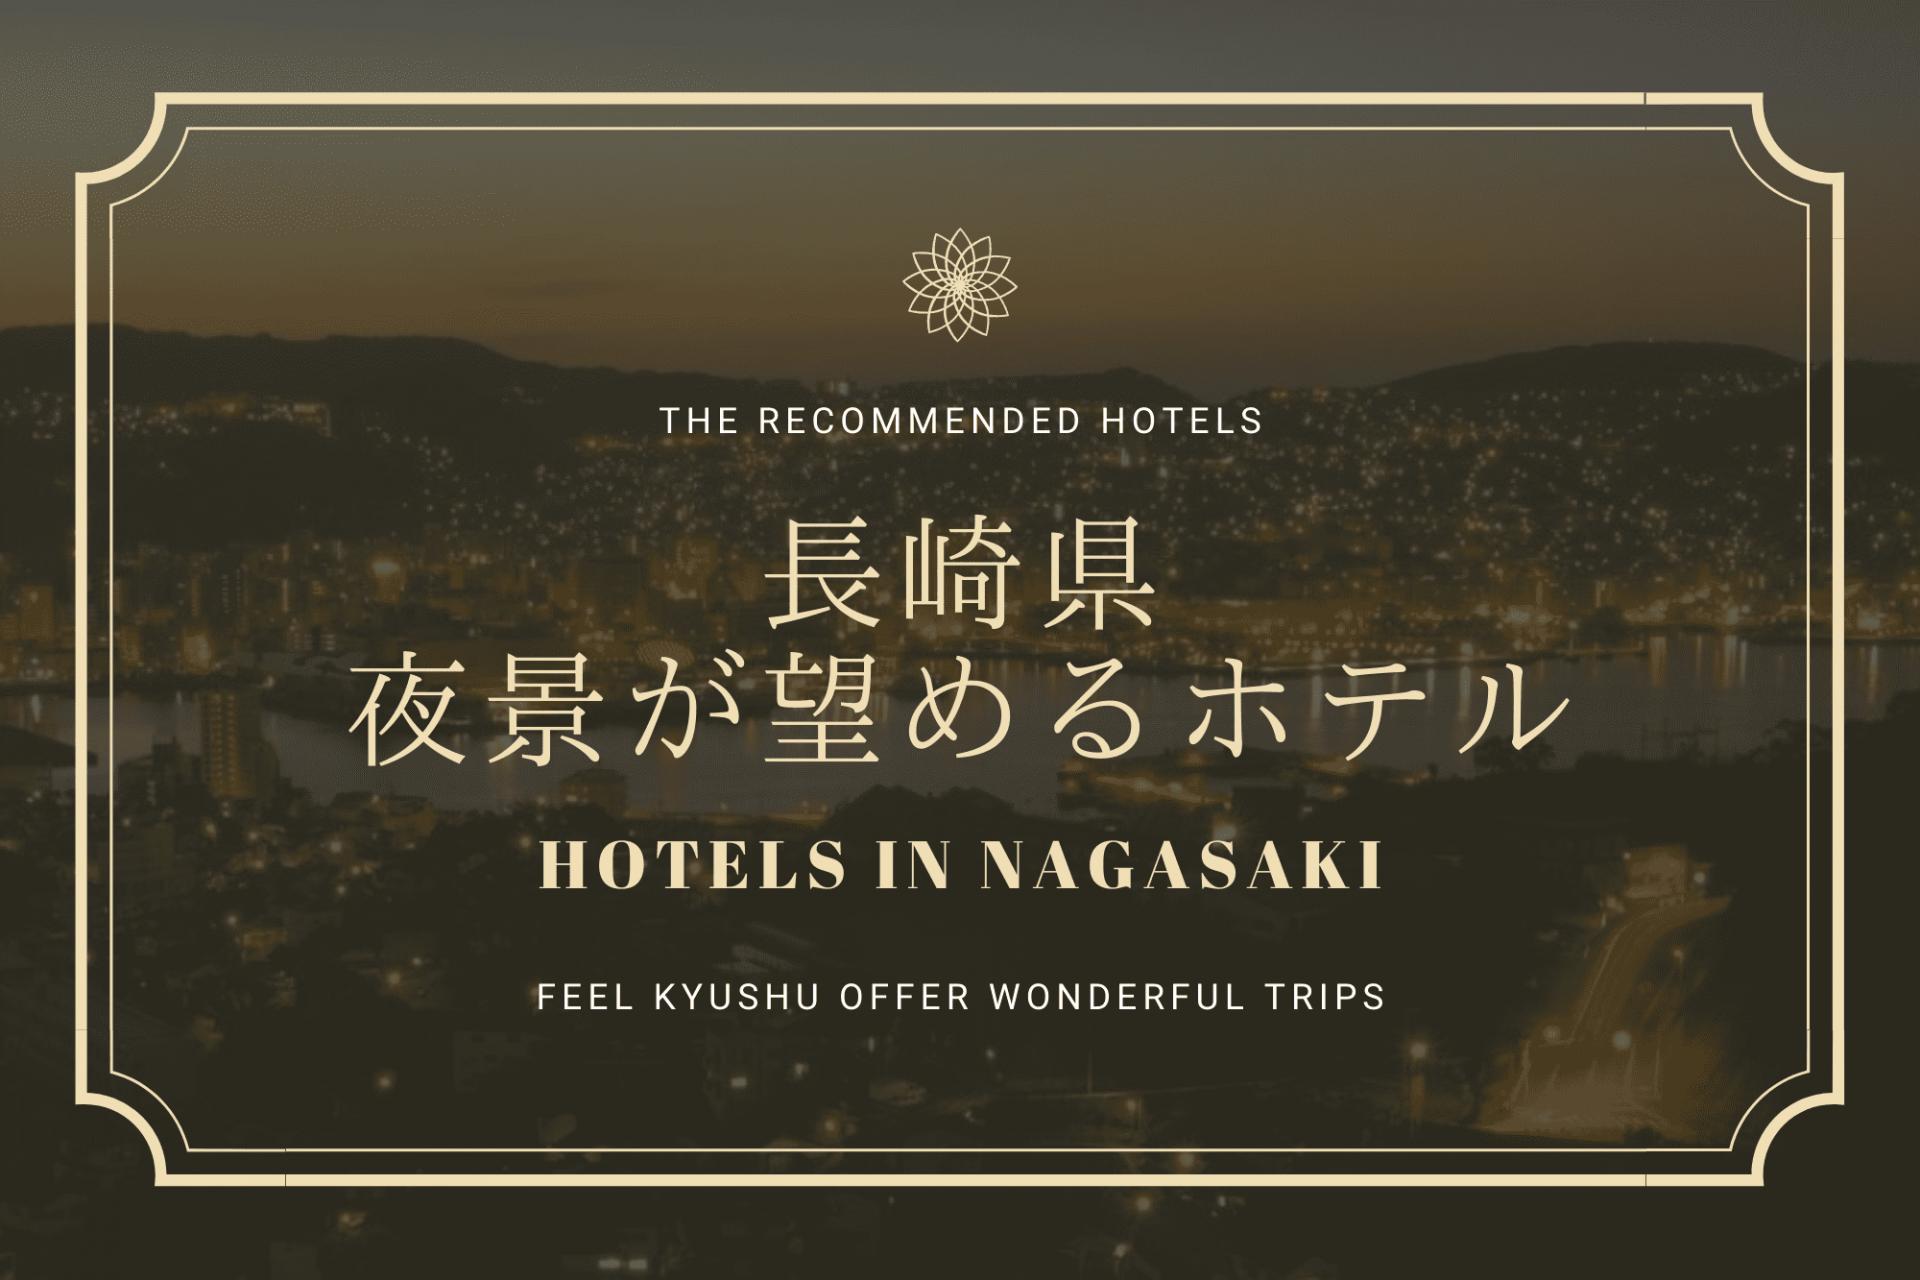 長崎 夜景 ホテル 宿 おすすめ 旅行 九州 観光